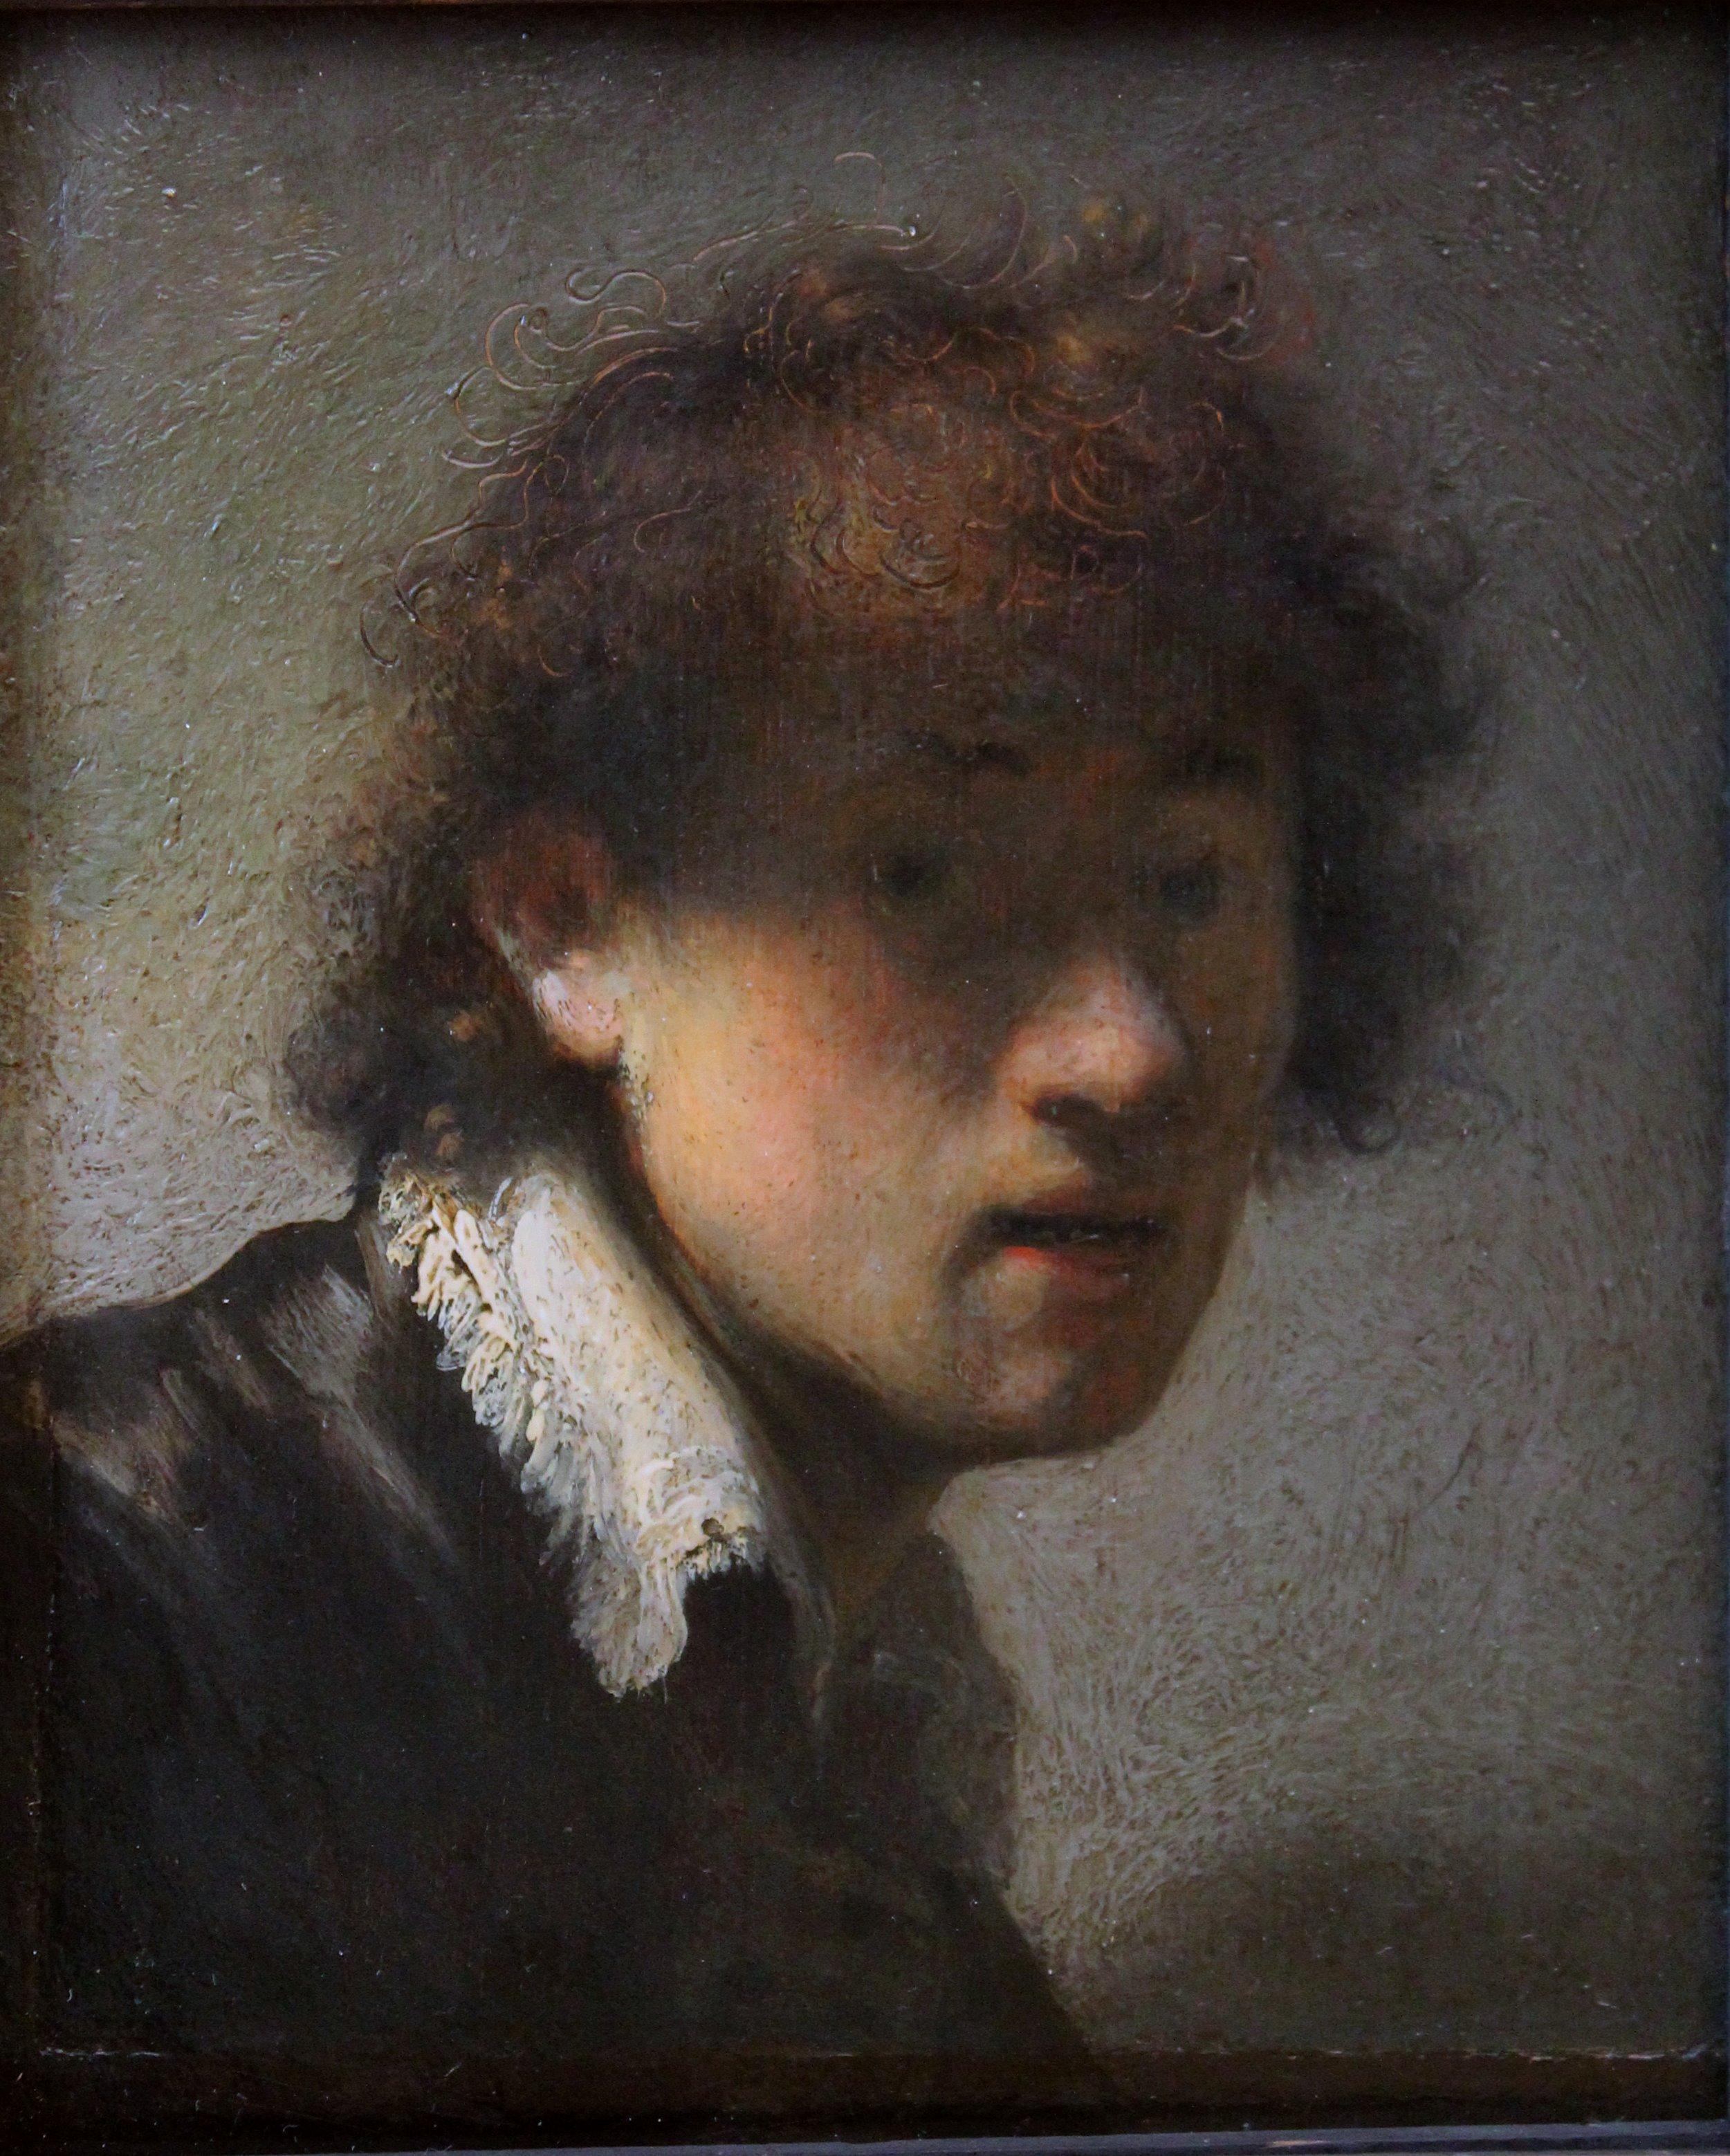 Rembrandt Van Rijn Self Portrait 1629 ConSentido Propio: Pri...